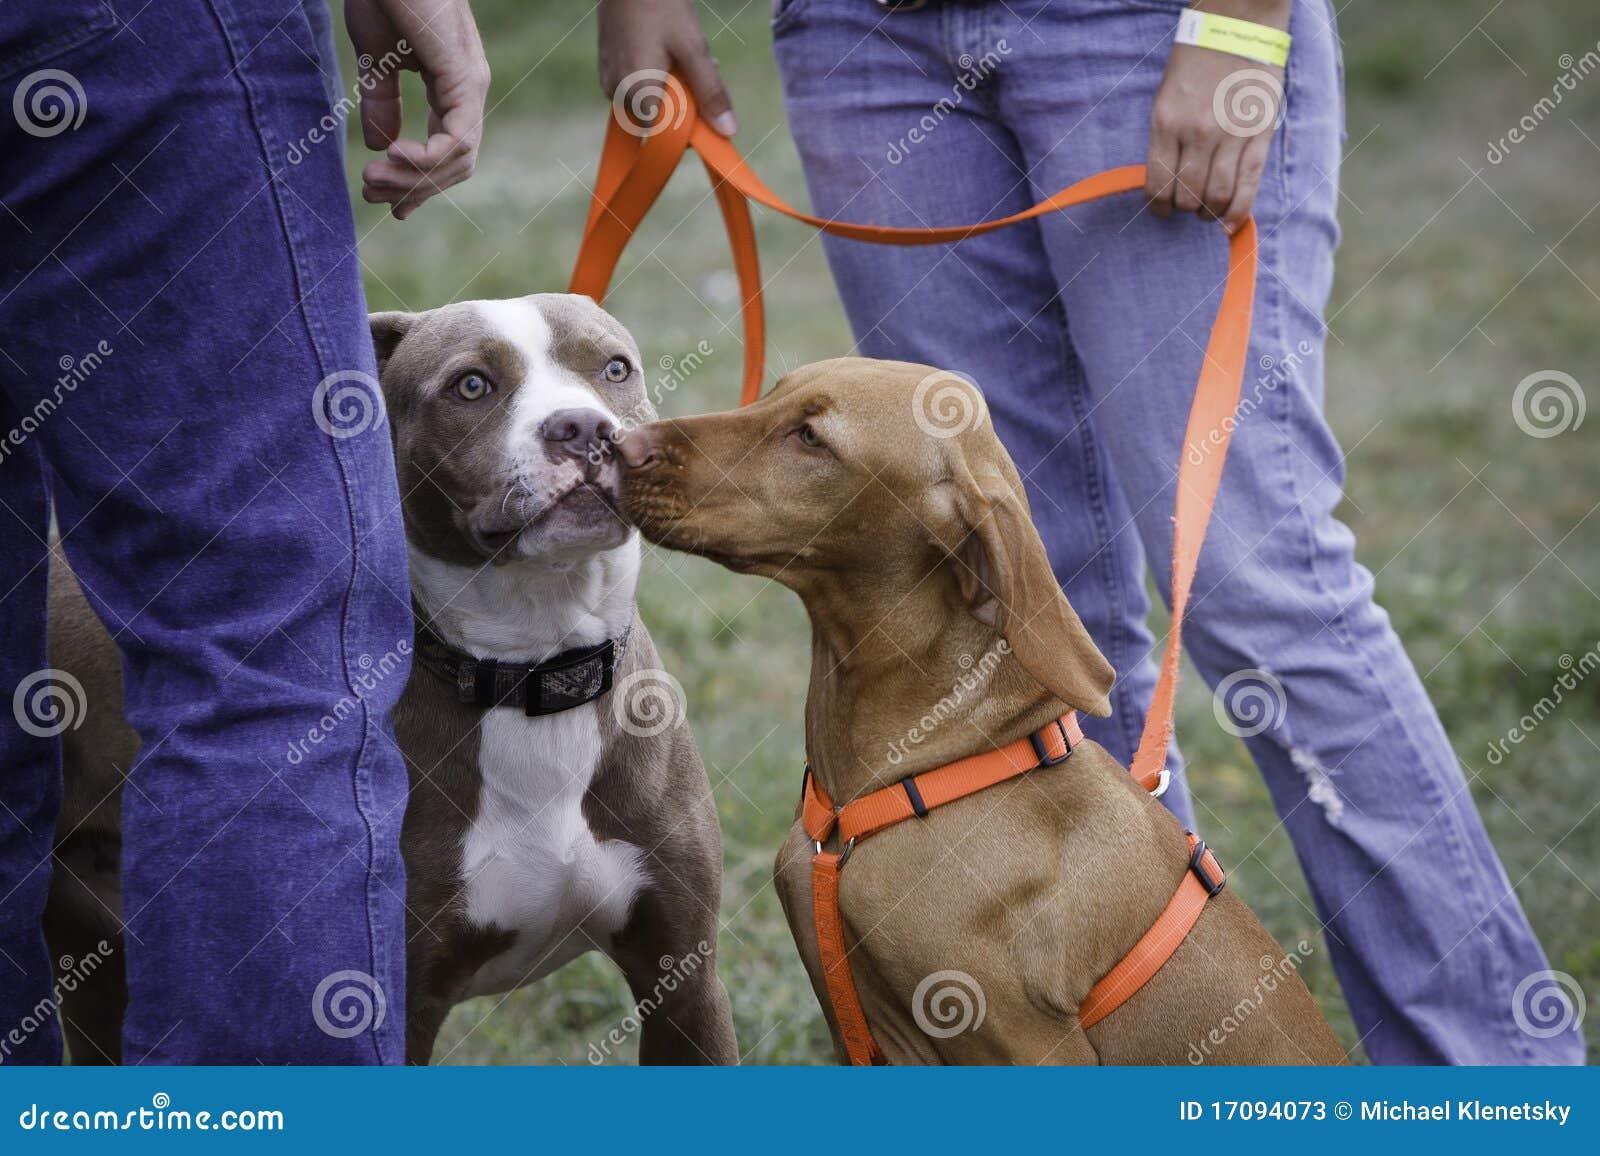 Freundliche Hunde